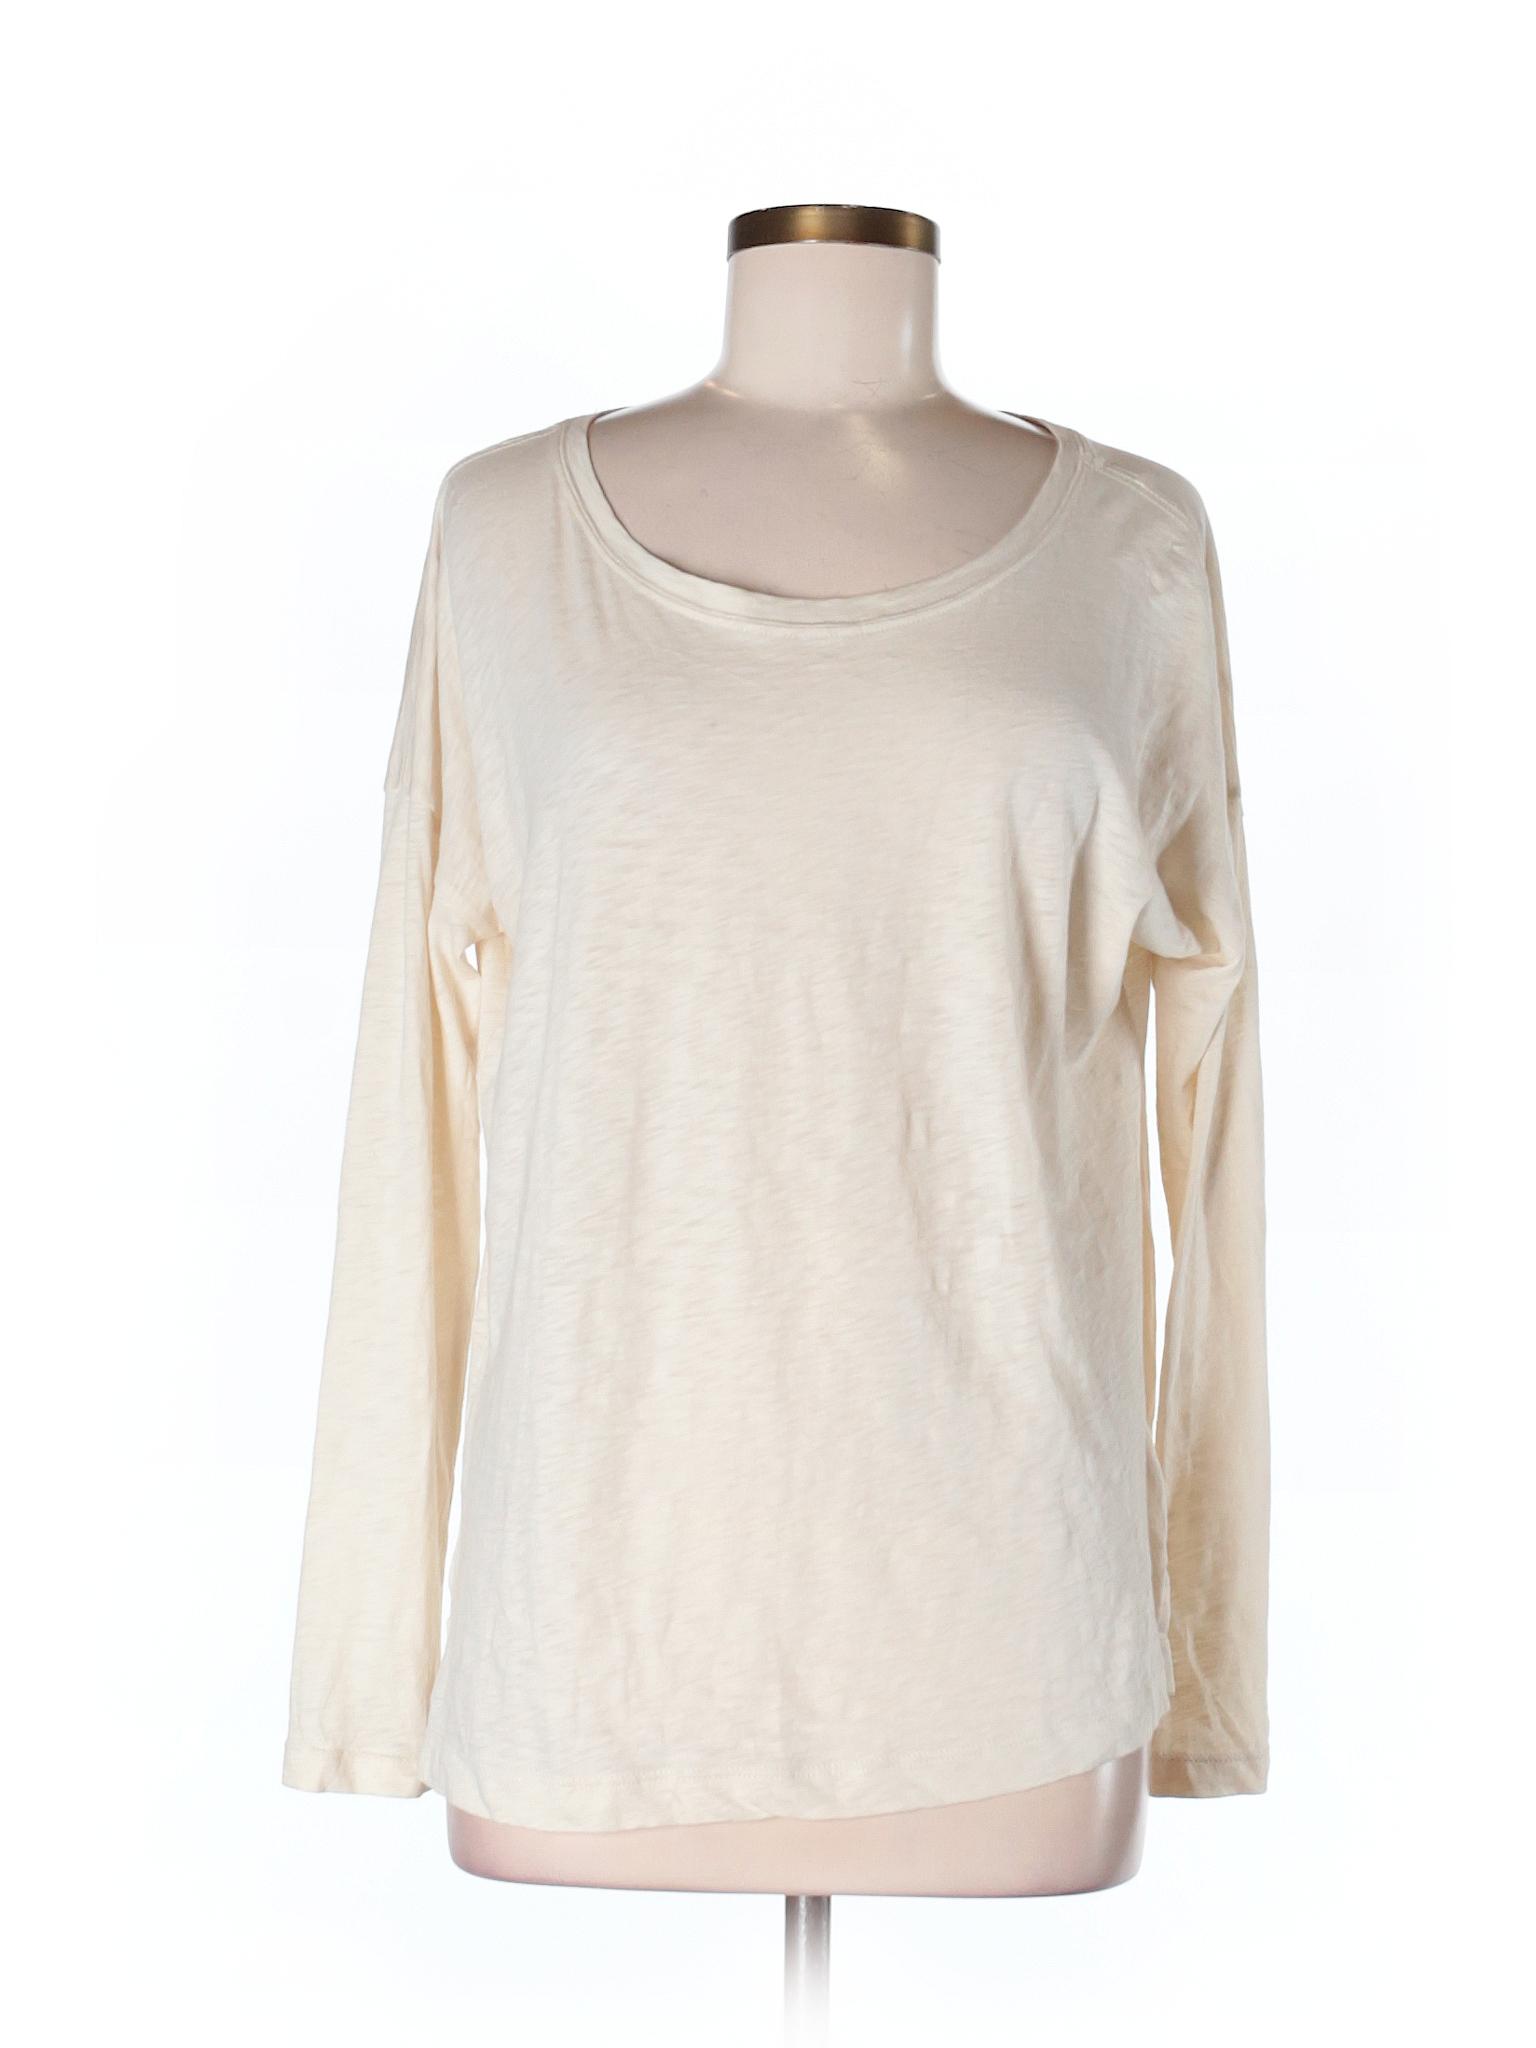 Cynthia rowley for t j maxx long sleeve t shirt 58 off for Tj maxx t shirts